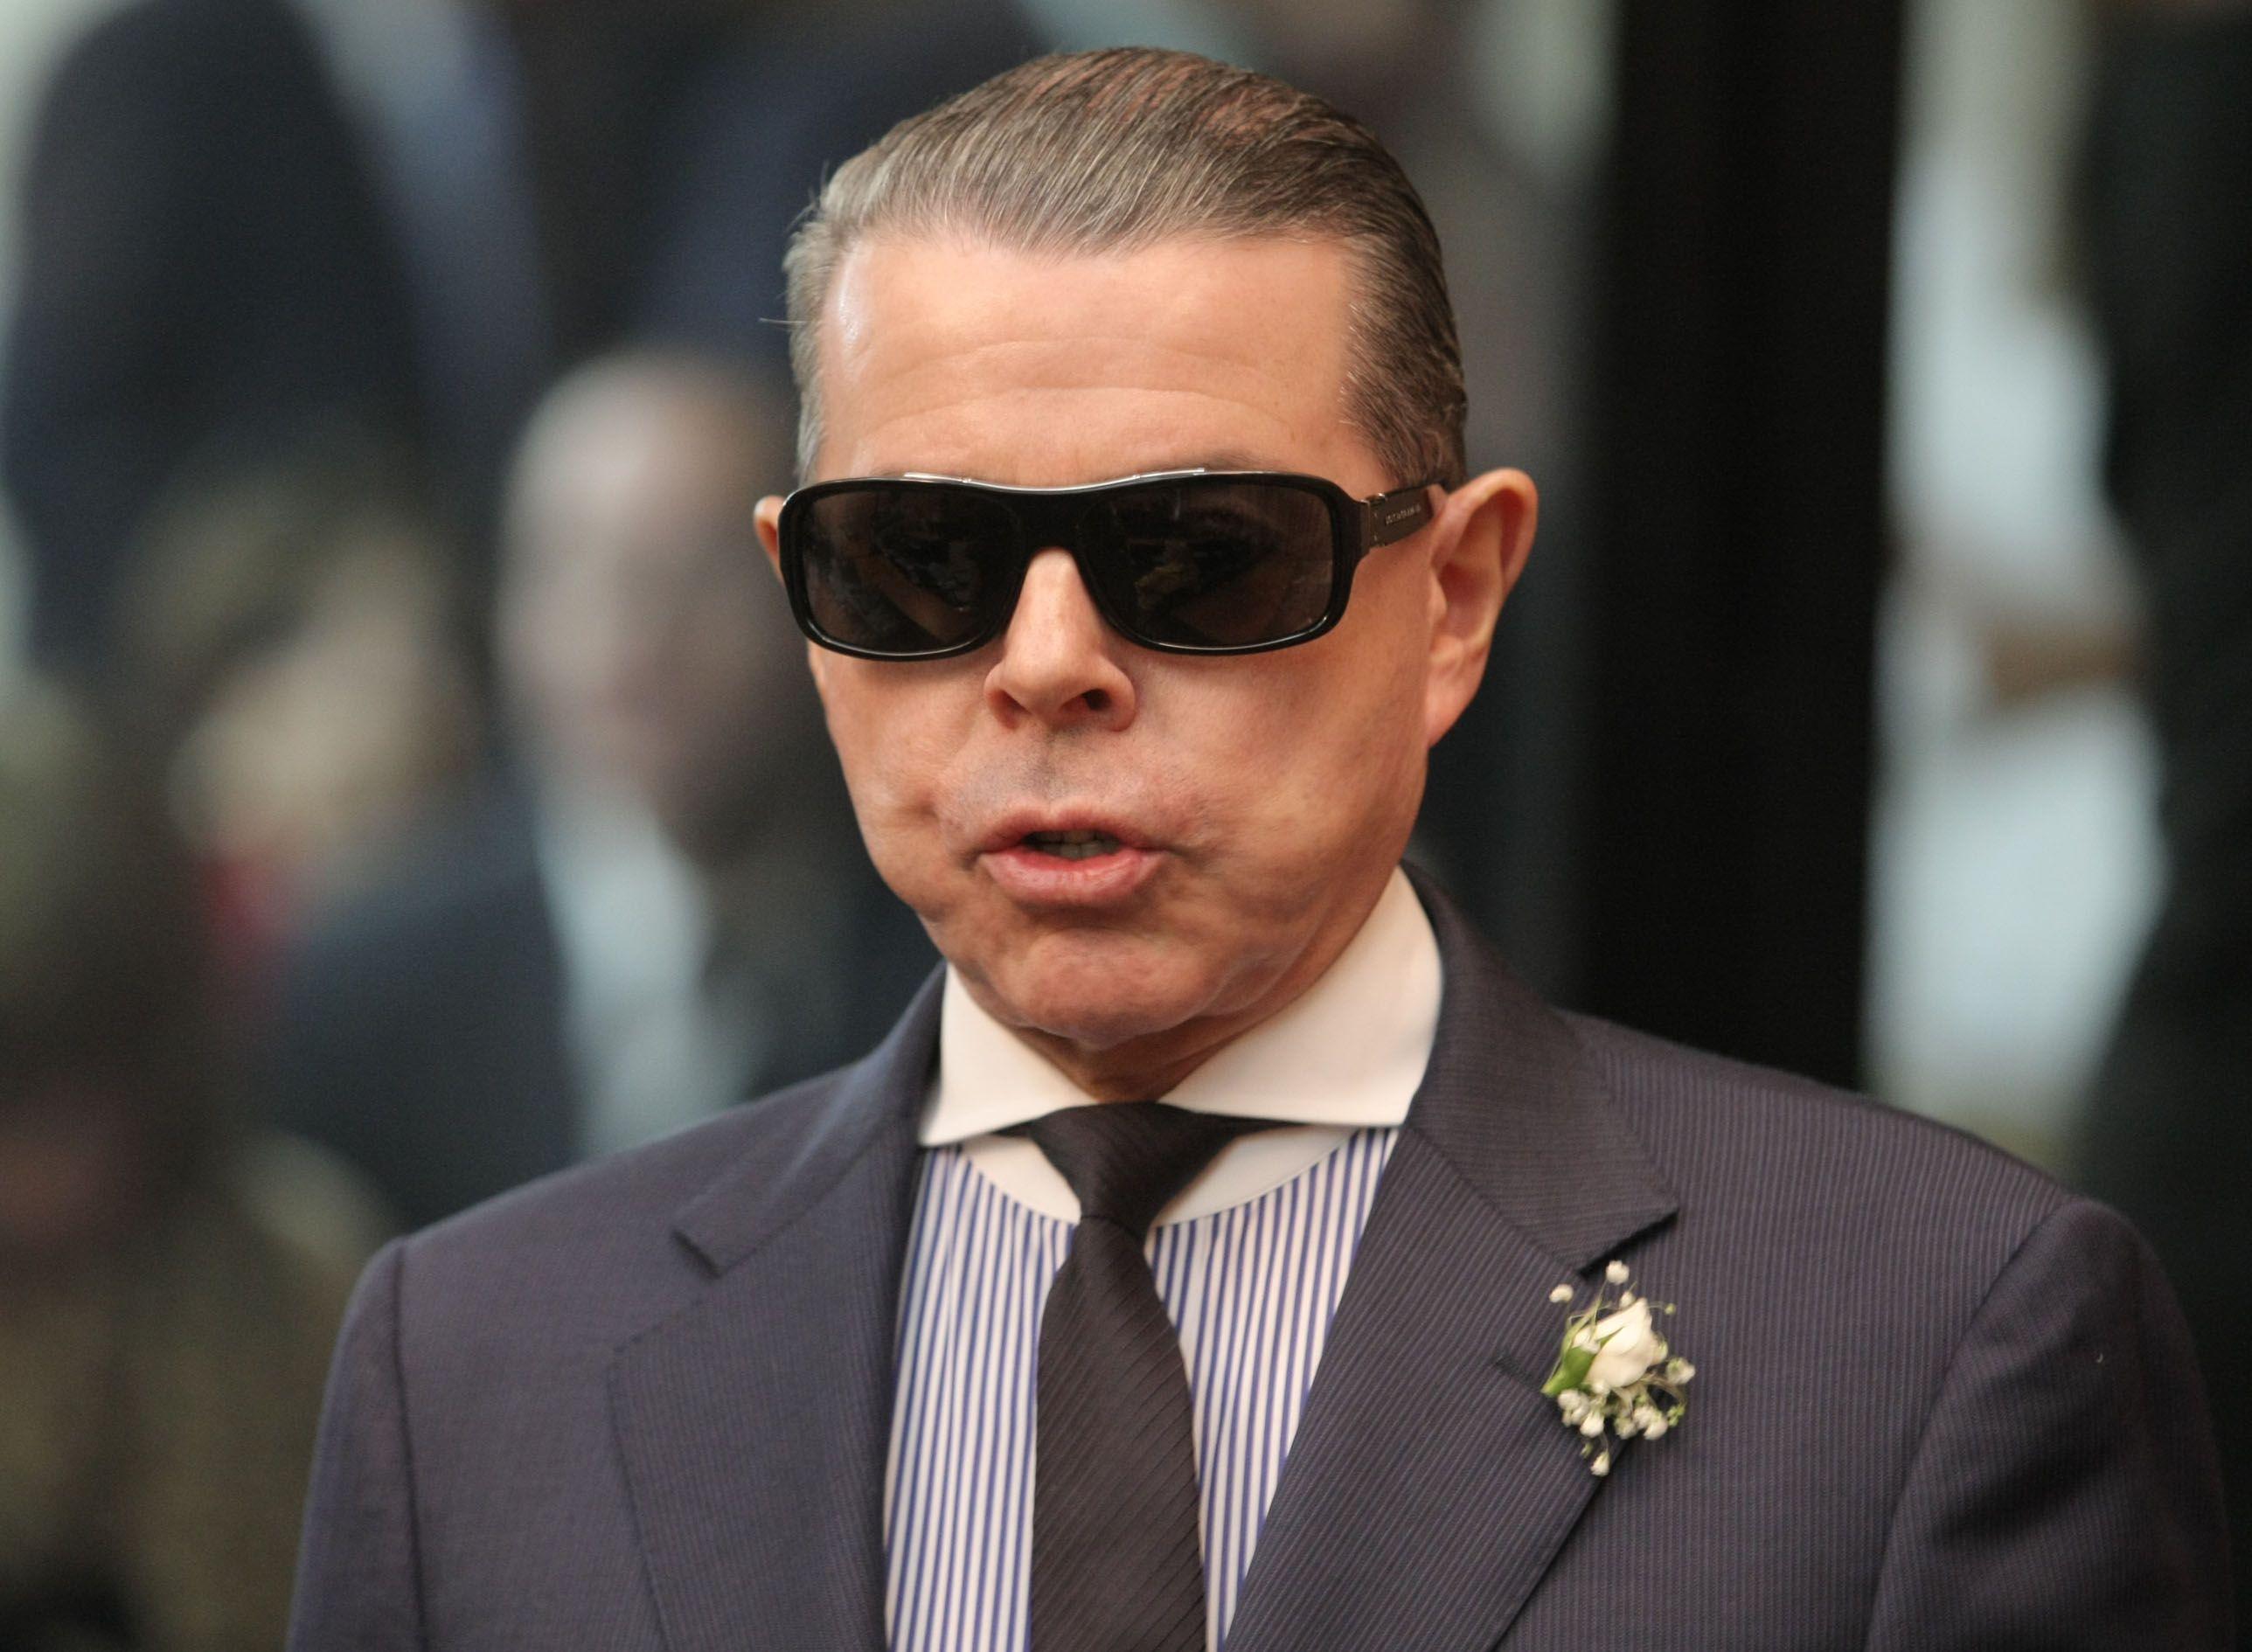 Le robaron una caja fuerte al ex juez Norberto Oyarbide